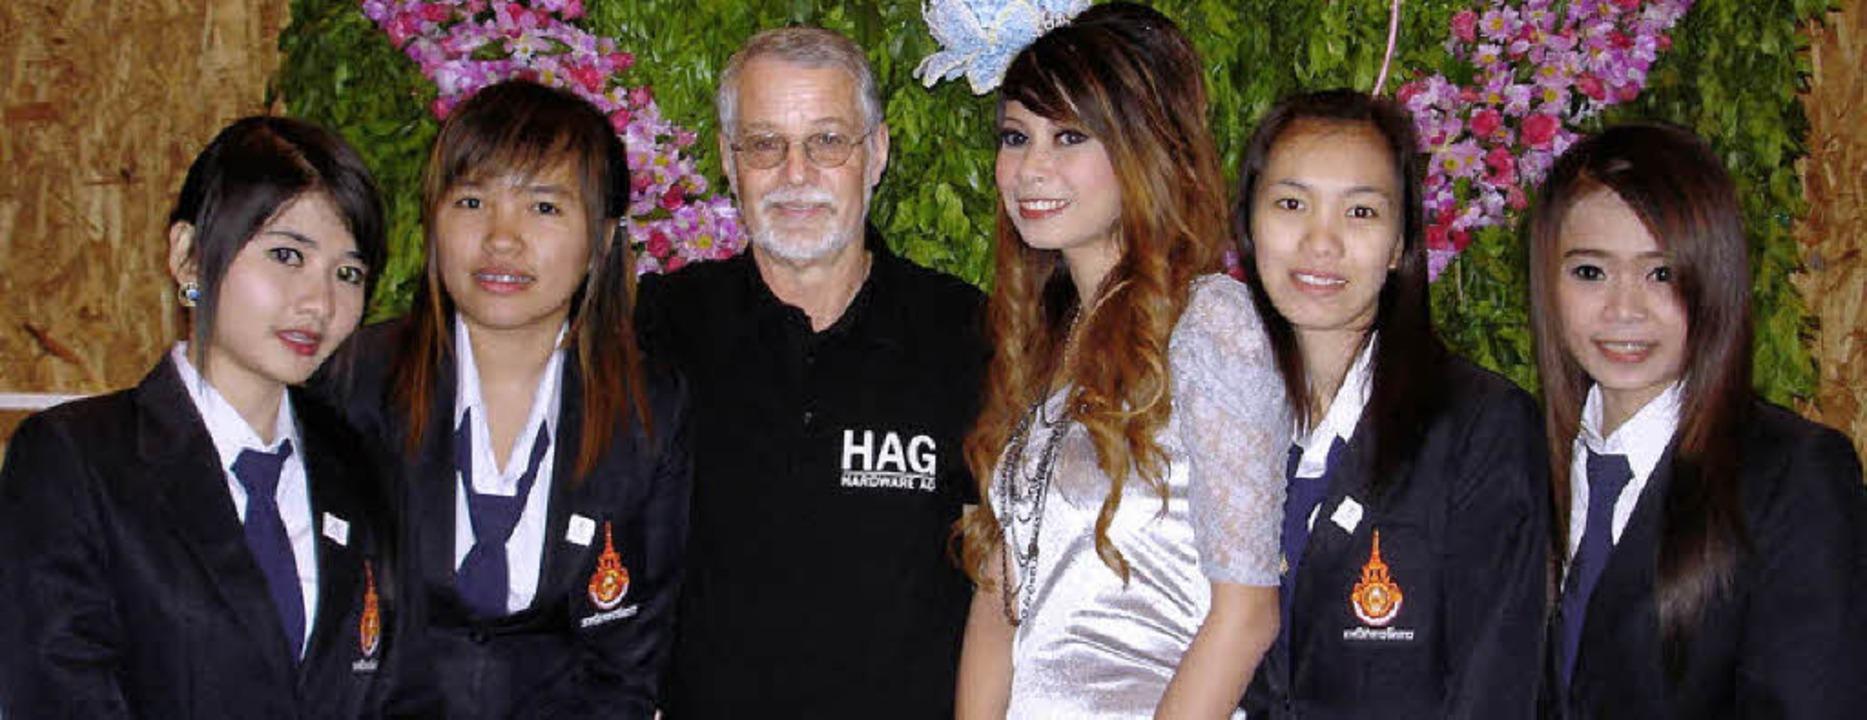 HAG-Leiter Winfried Sturm mit thailändischen Studentinnen     Foto: PRivat